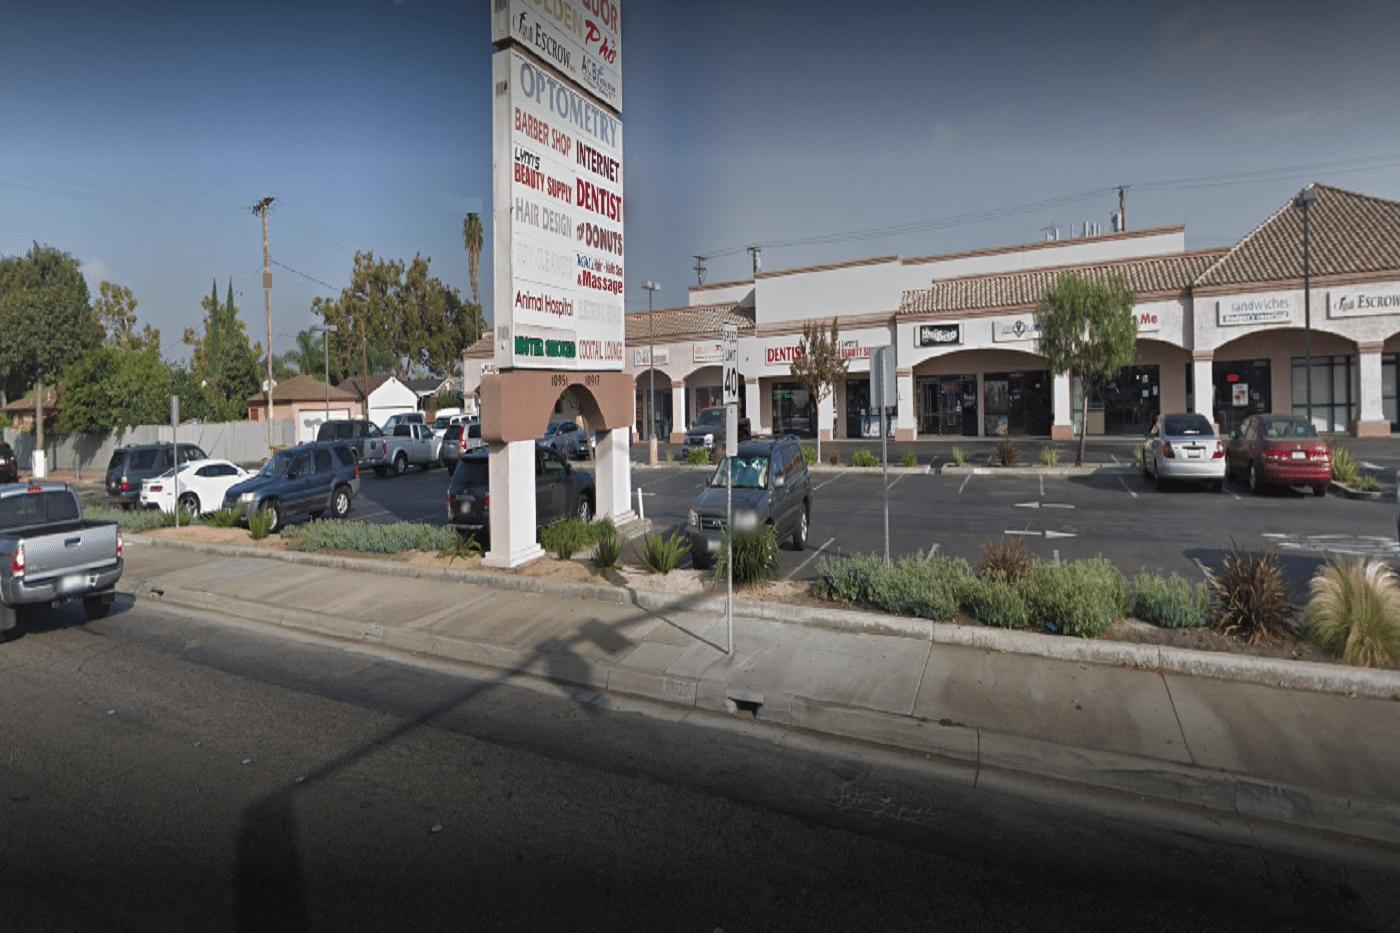 TheCrestmark Entertainment, 10919 Alondra Blvd, Norwalk, CA 90650 was cited for refilling Liquor Bottles